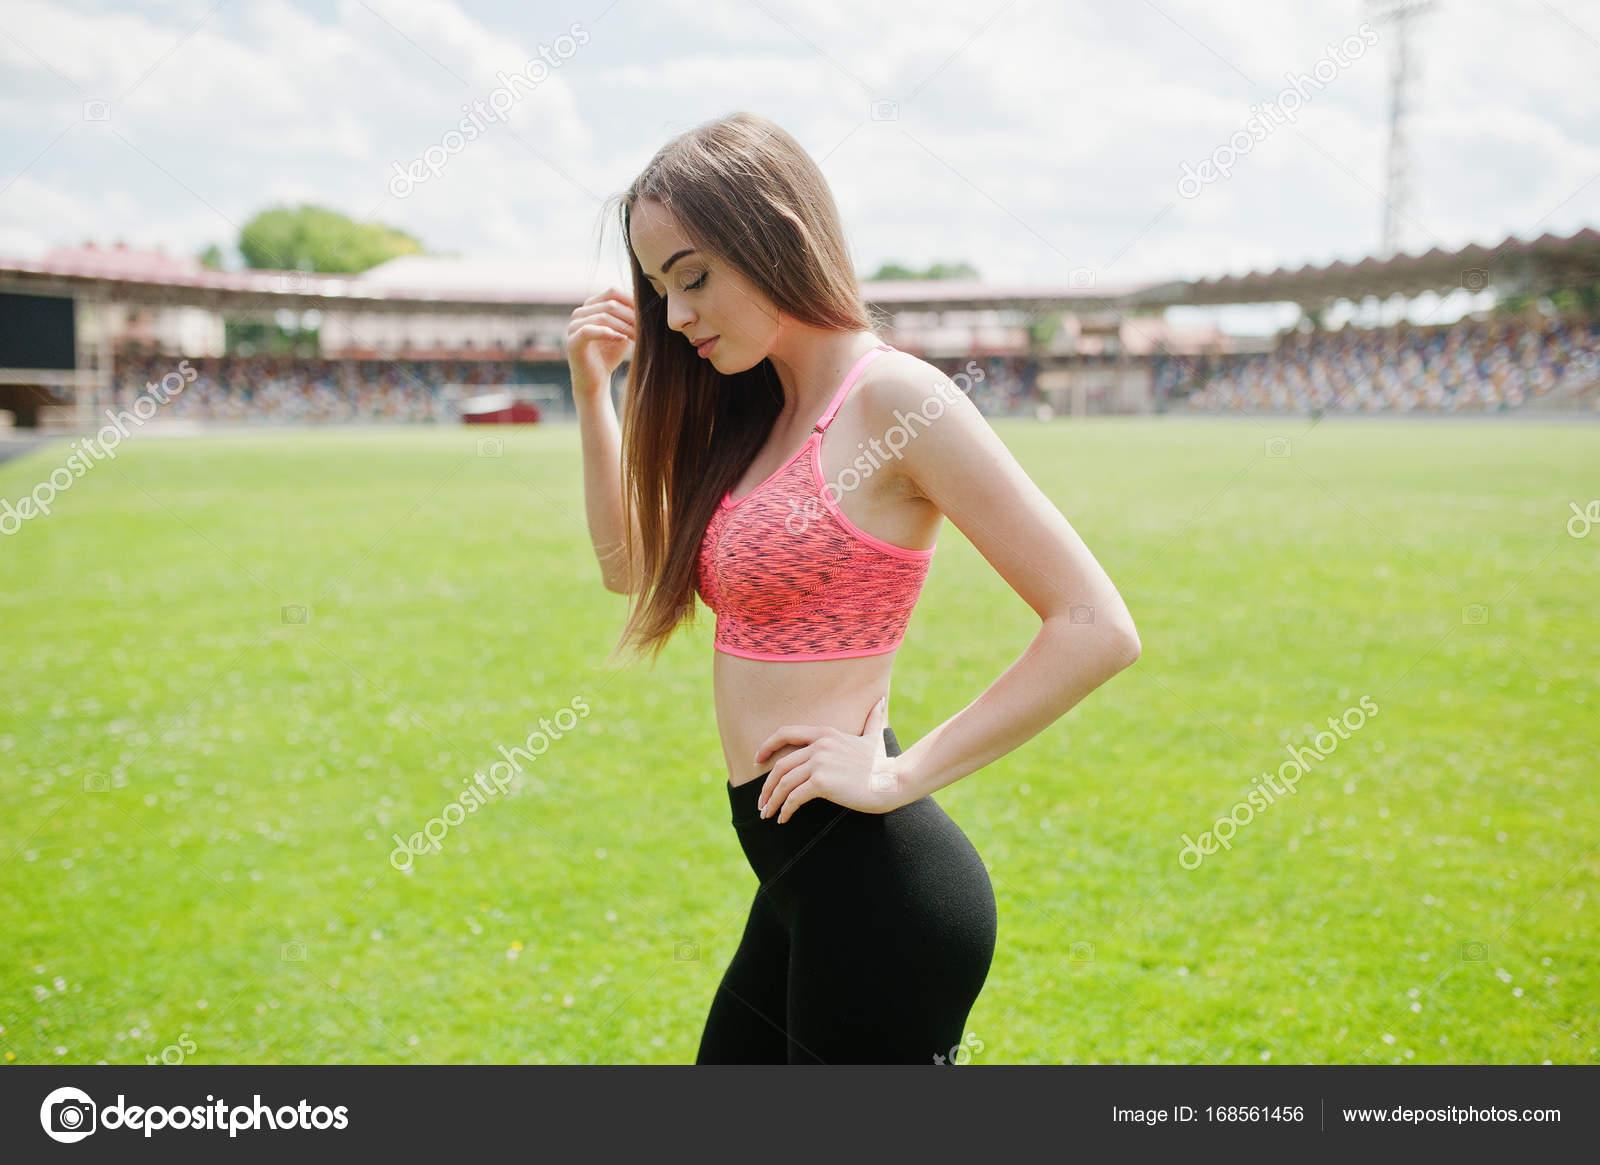 acf9c3b76459 Chica deportiva fitness ropa deportiva en un estadio de fútbol al ...